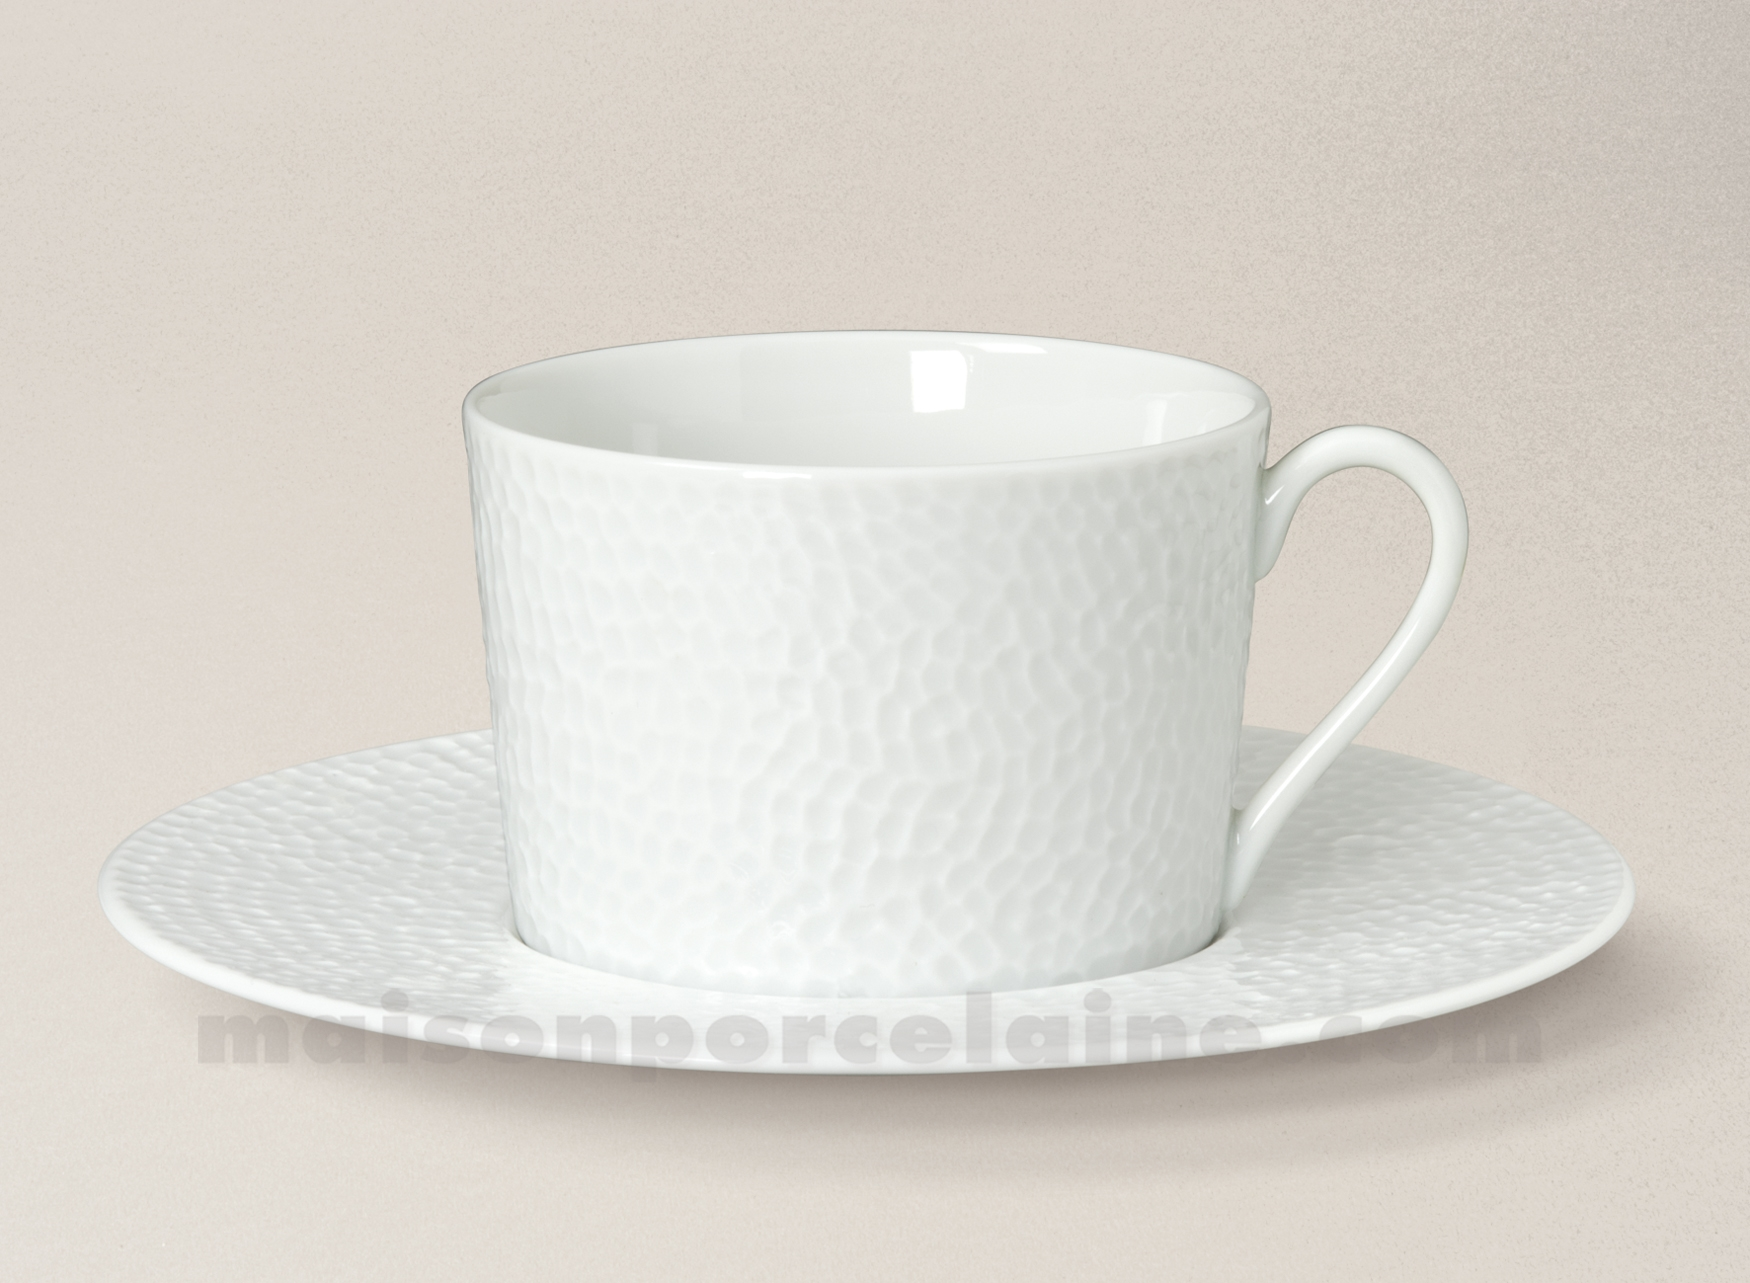 tasse the soucoupe porcelaine blanche emulsion 8 5x8 20cl maison de la porcelaine. Black Bedroom Furniture Sets. Home Design Ideas